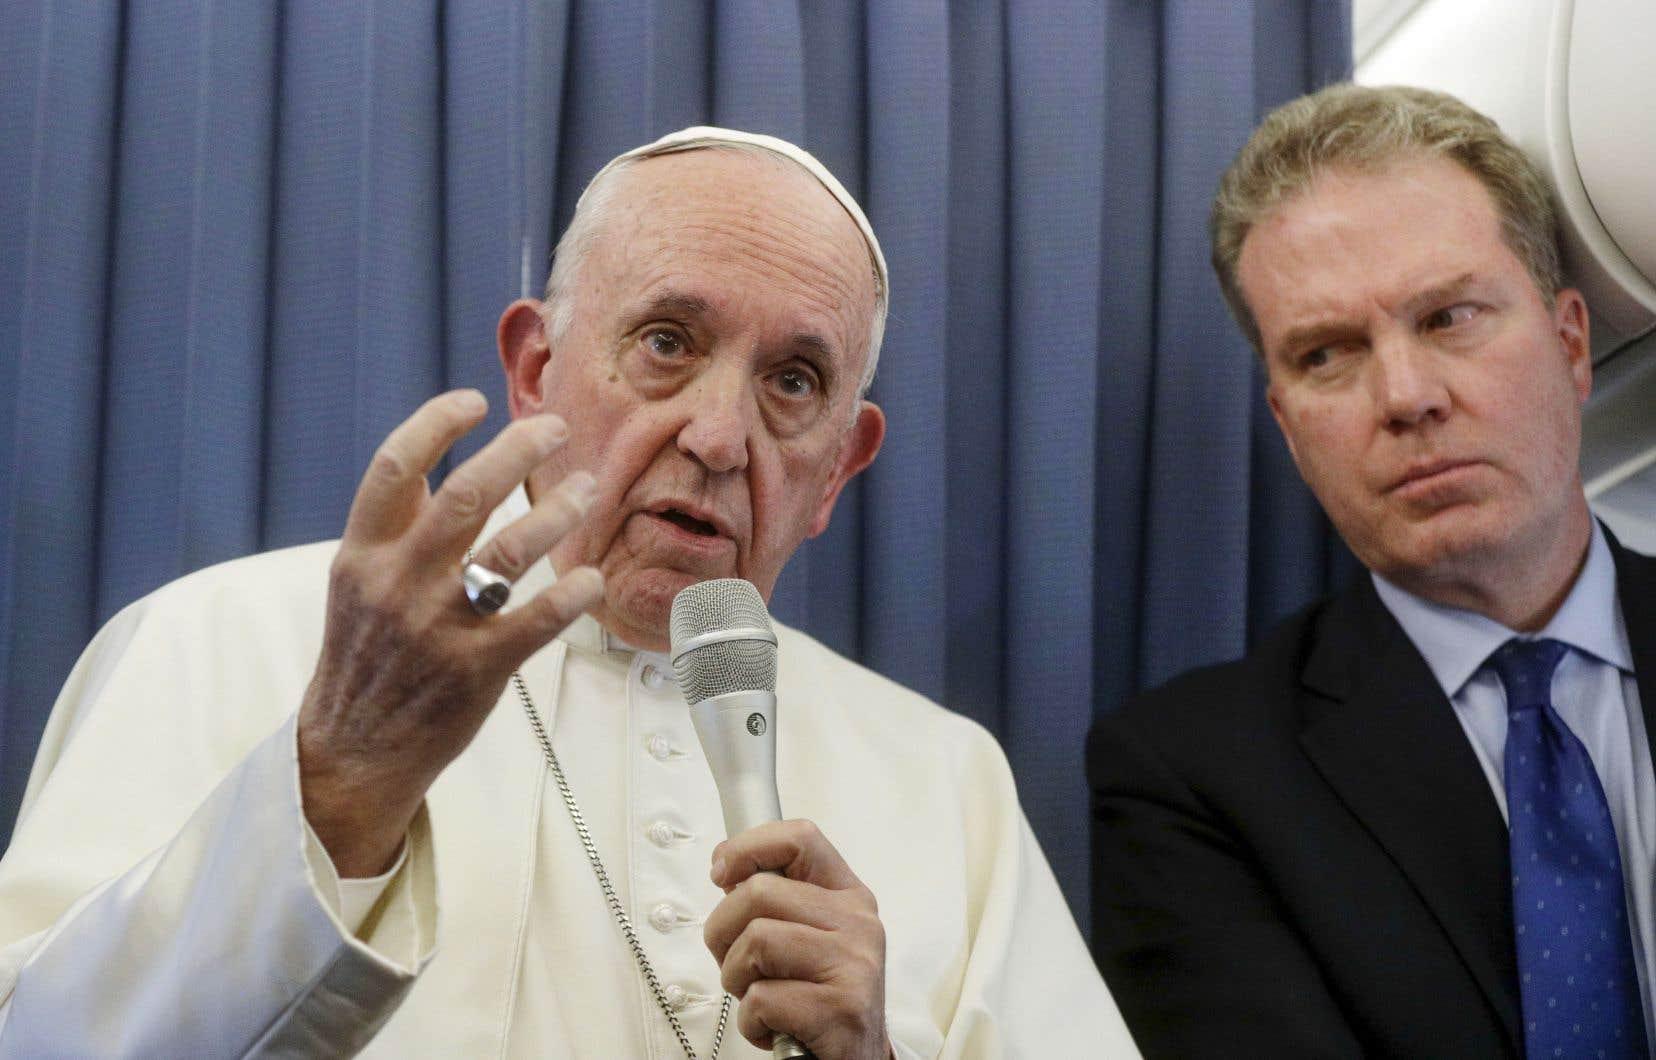 À bord de l'avion, aux côtés du directeur du Bureau de presse du Saint-Siège, Greg Burke, le pape François a répondu aux questions des journalistes sur l'homosexualité, dimanche.